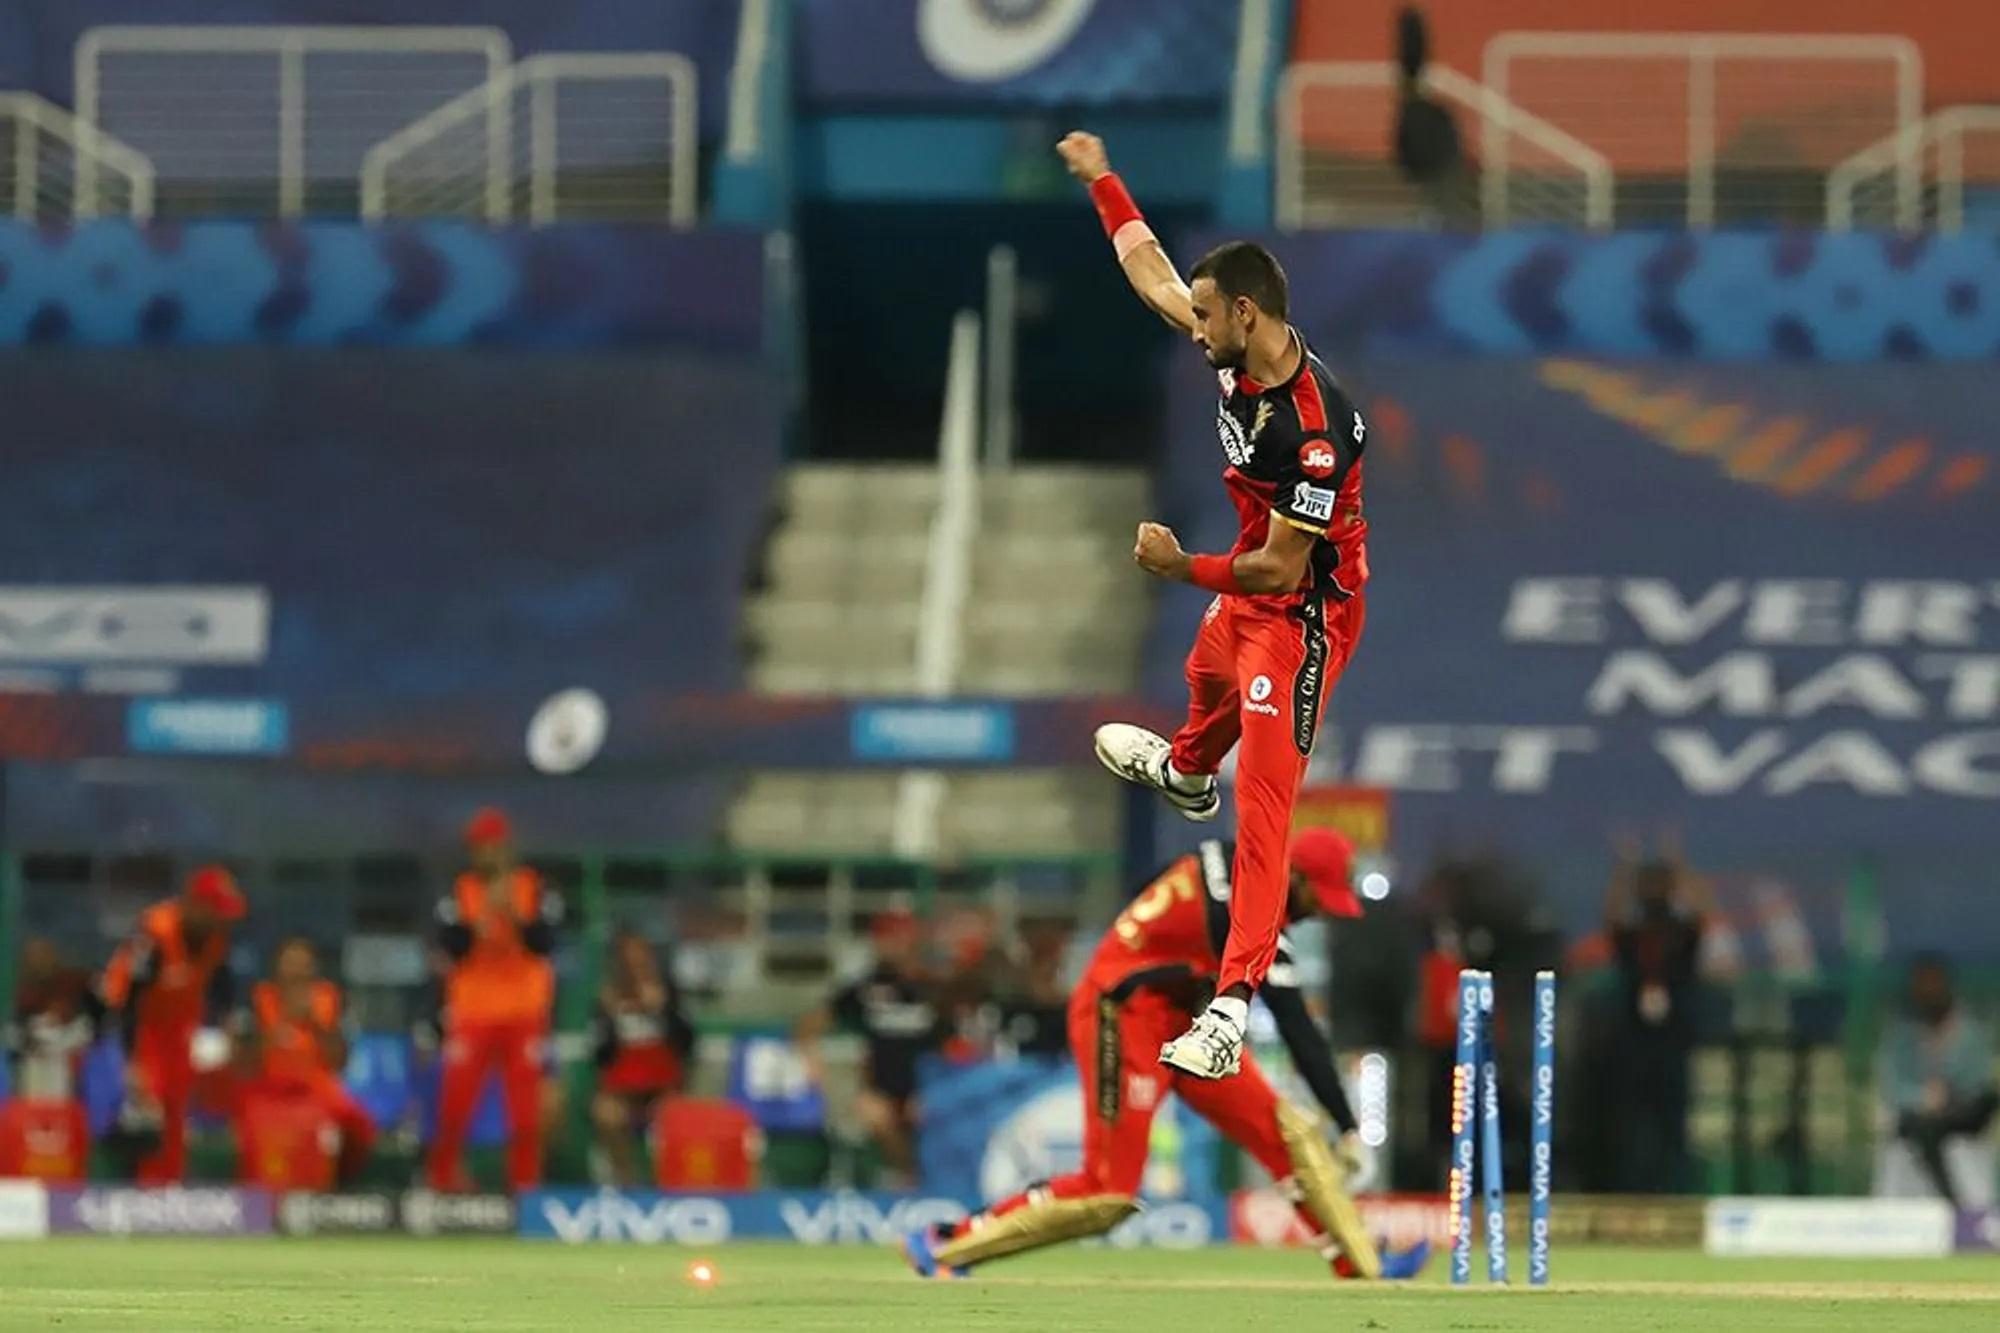 हवा में 2 फीट ऊपर उछले ये बॉलर हैं हर्षल पटेल। अनकैप्ड प्लेयर हैं। अनकैप्ड जानते हैं न? वो खिलाड़ी जिसने कभी किसी देश के लिए नहीं खेला हो, लेकिन इस खिलाड़ी ने अब तक IPL 2021 में सबसे ज्यादा विकेट लिए हैं। पर्पल कैप्ड बने हुए हैं। बृहस्पतिवार के मैच में इन्होंने 4 ओवर में 33 रन देकर 3 विकेट लिए।